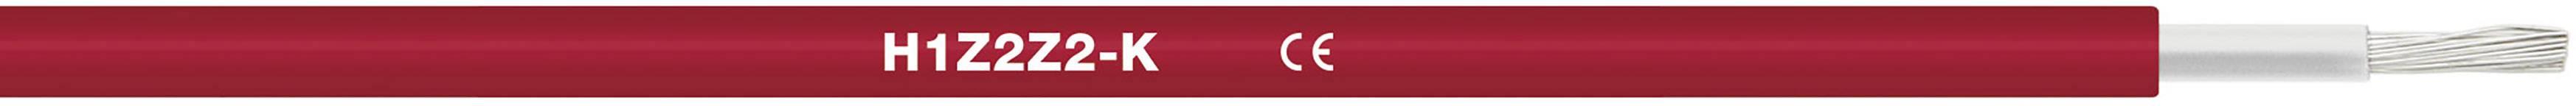 Fotovoltaický kabel H1Z2Z2-K 1 x 4 mm² červená LappKabel 1023572/100 100 m